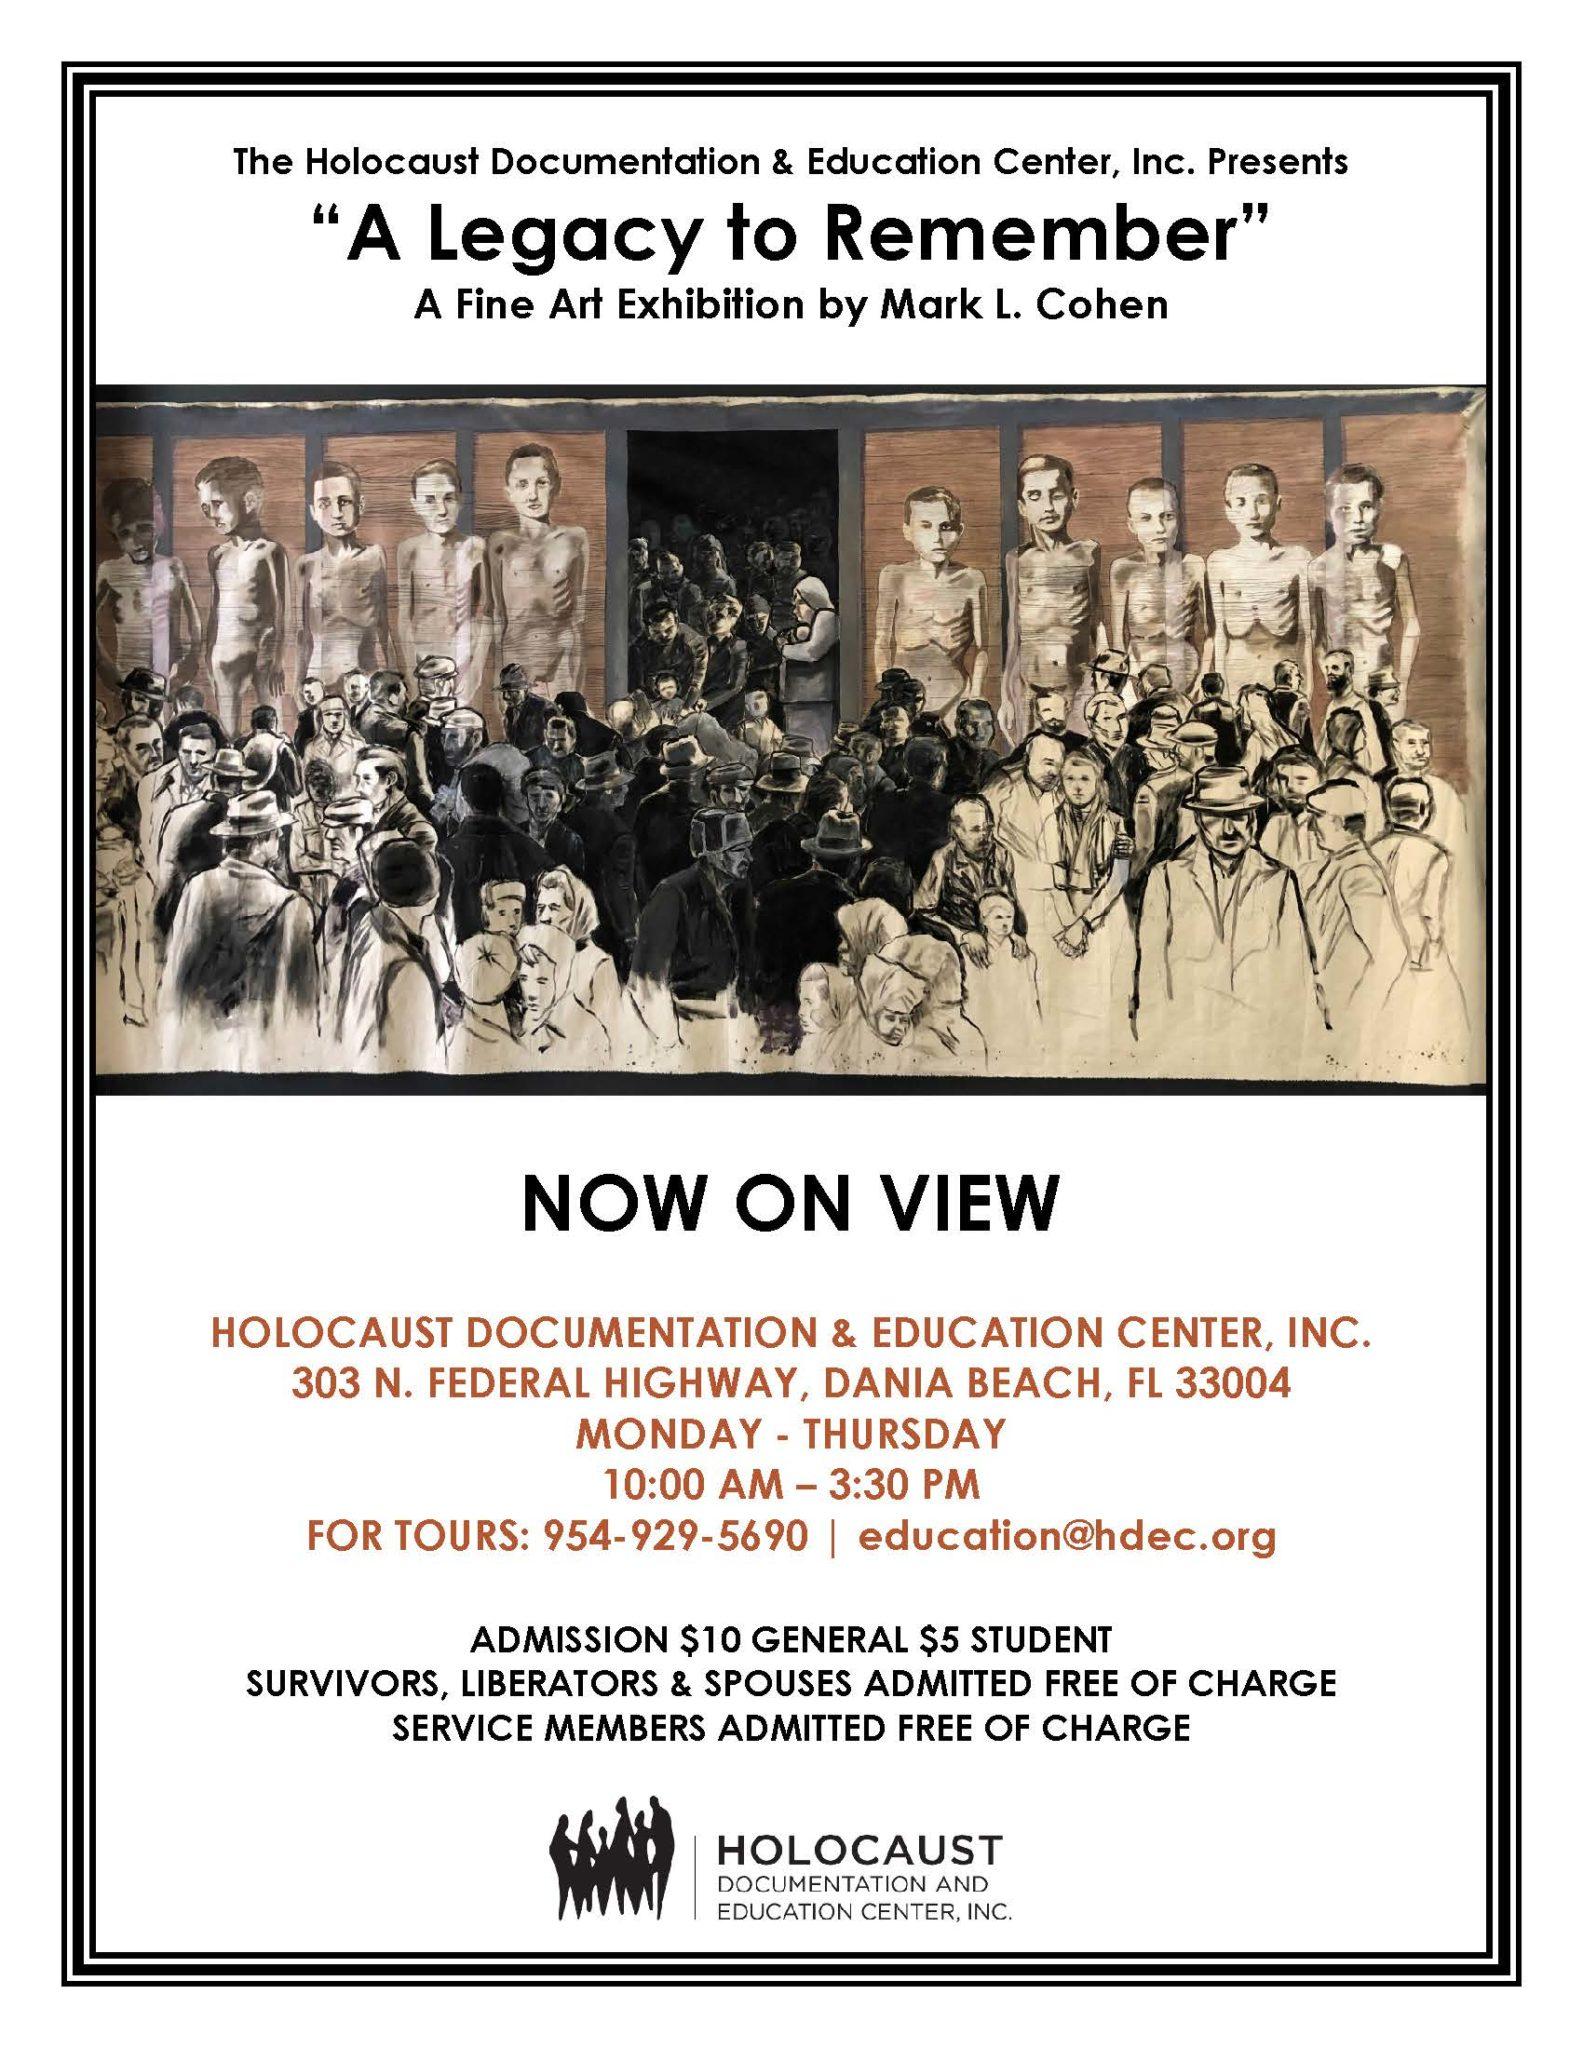 MLC Exhibition Flyer 05.28.2021